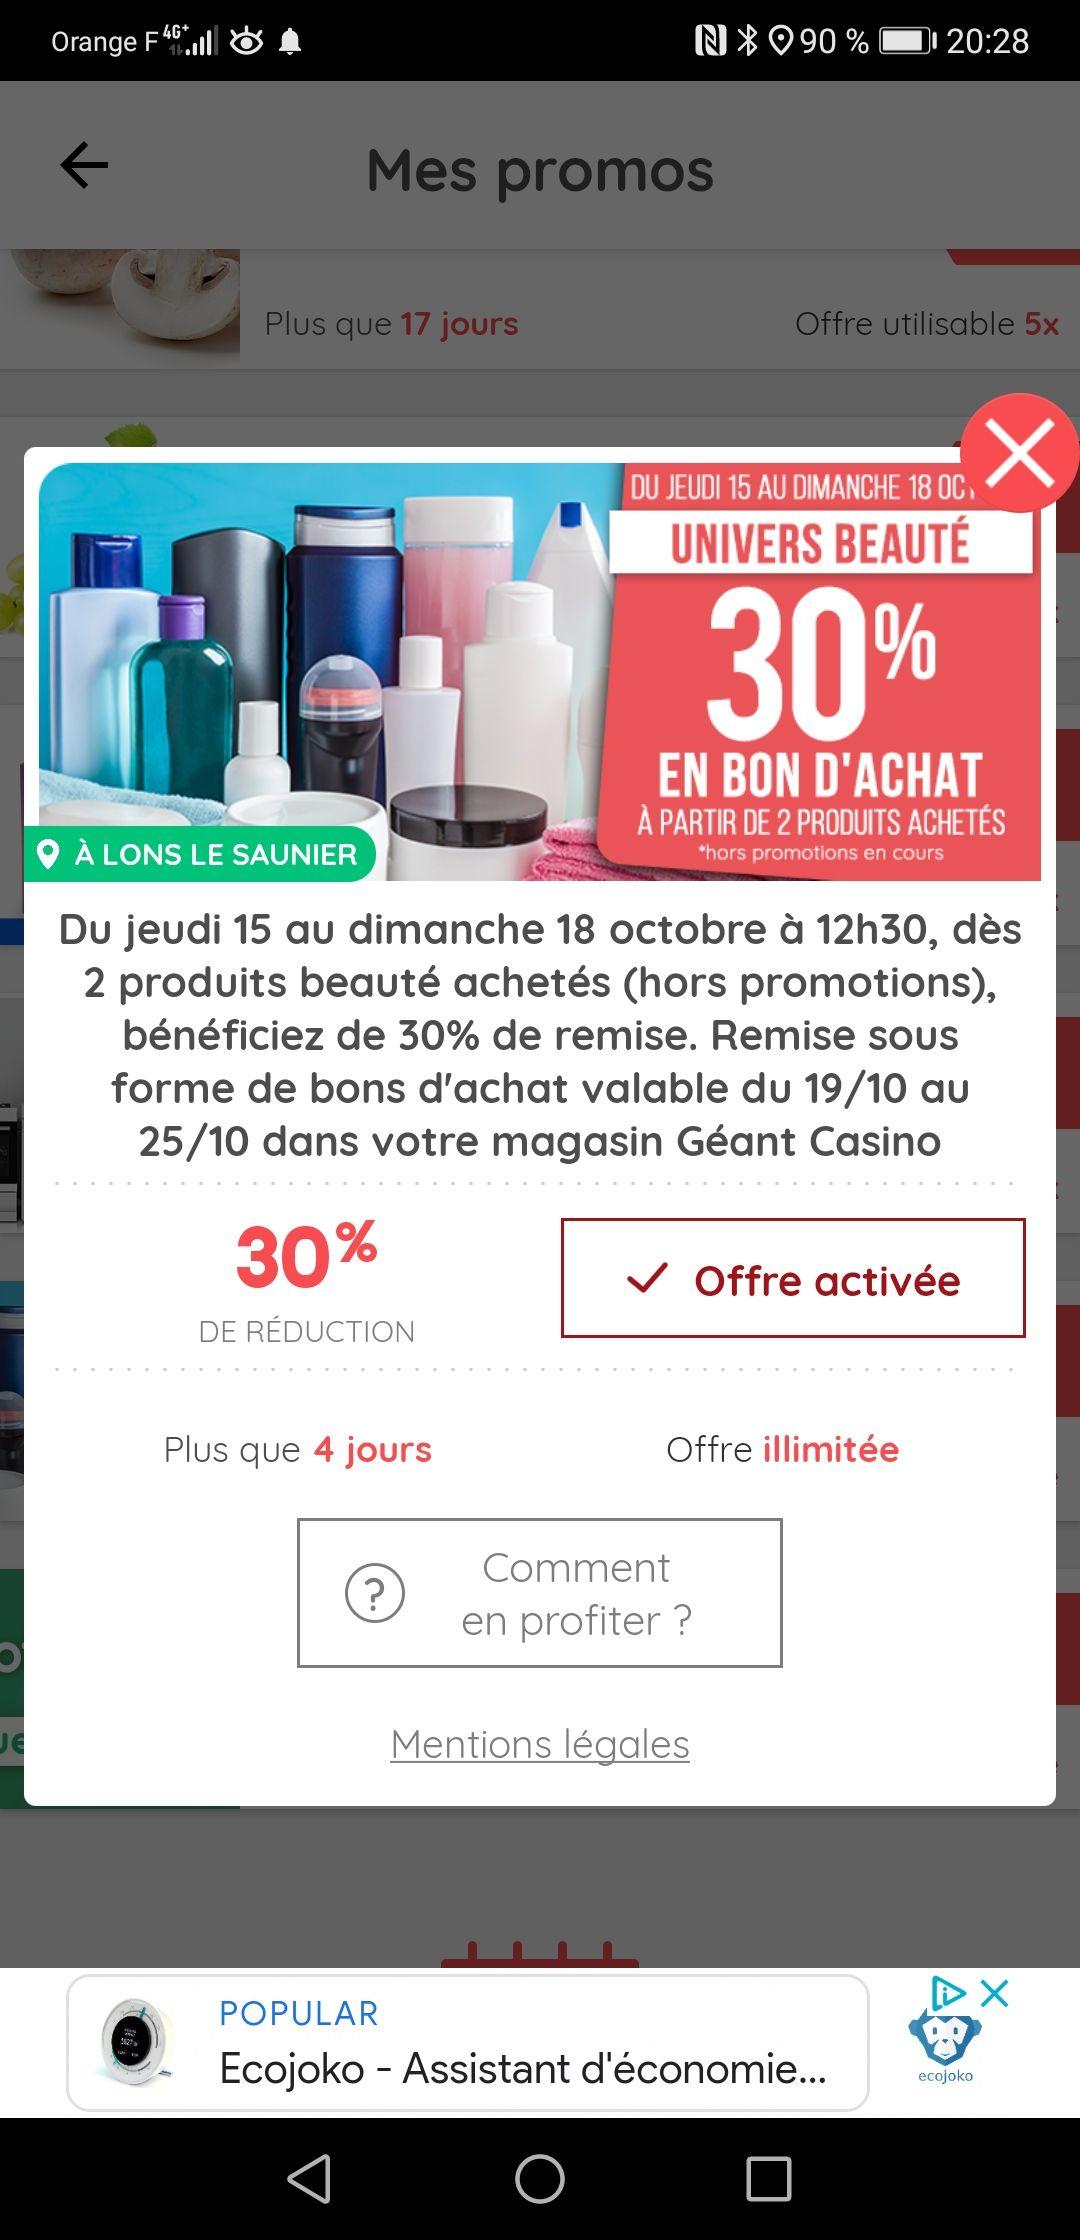 [Casinomax] 30 % remboursé en bon d'achat dès 2 produits de beauté achetés (Hors promotion)